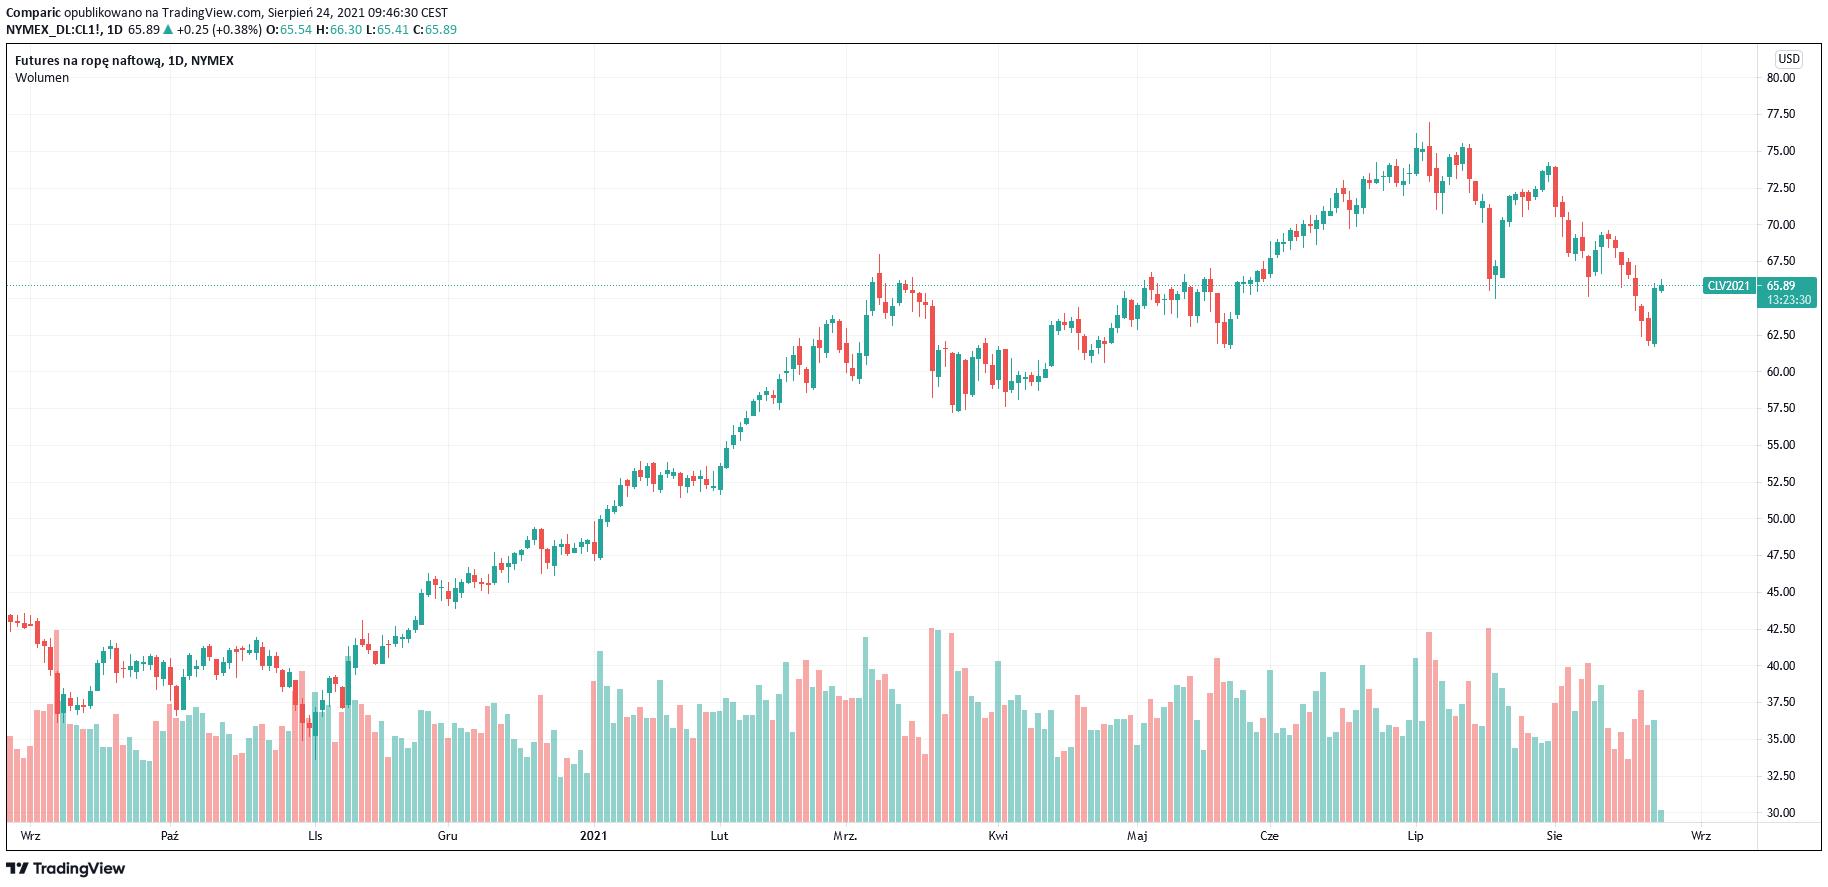 Cena ropy we wtorek nadal w górę po dużym wzroście w poniedziałek